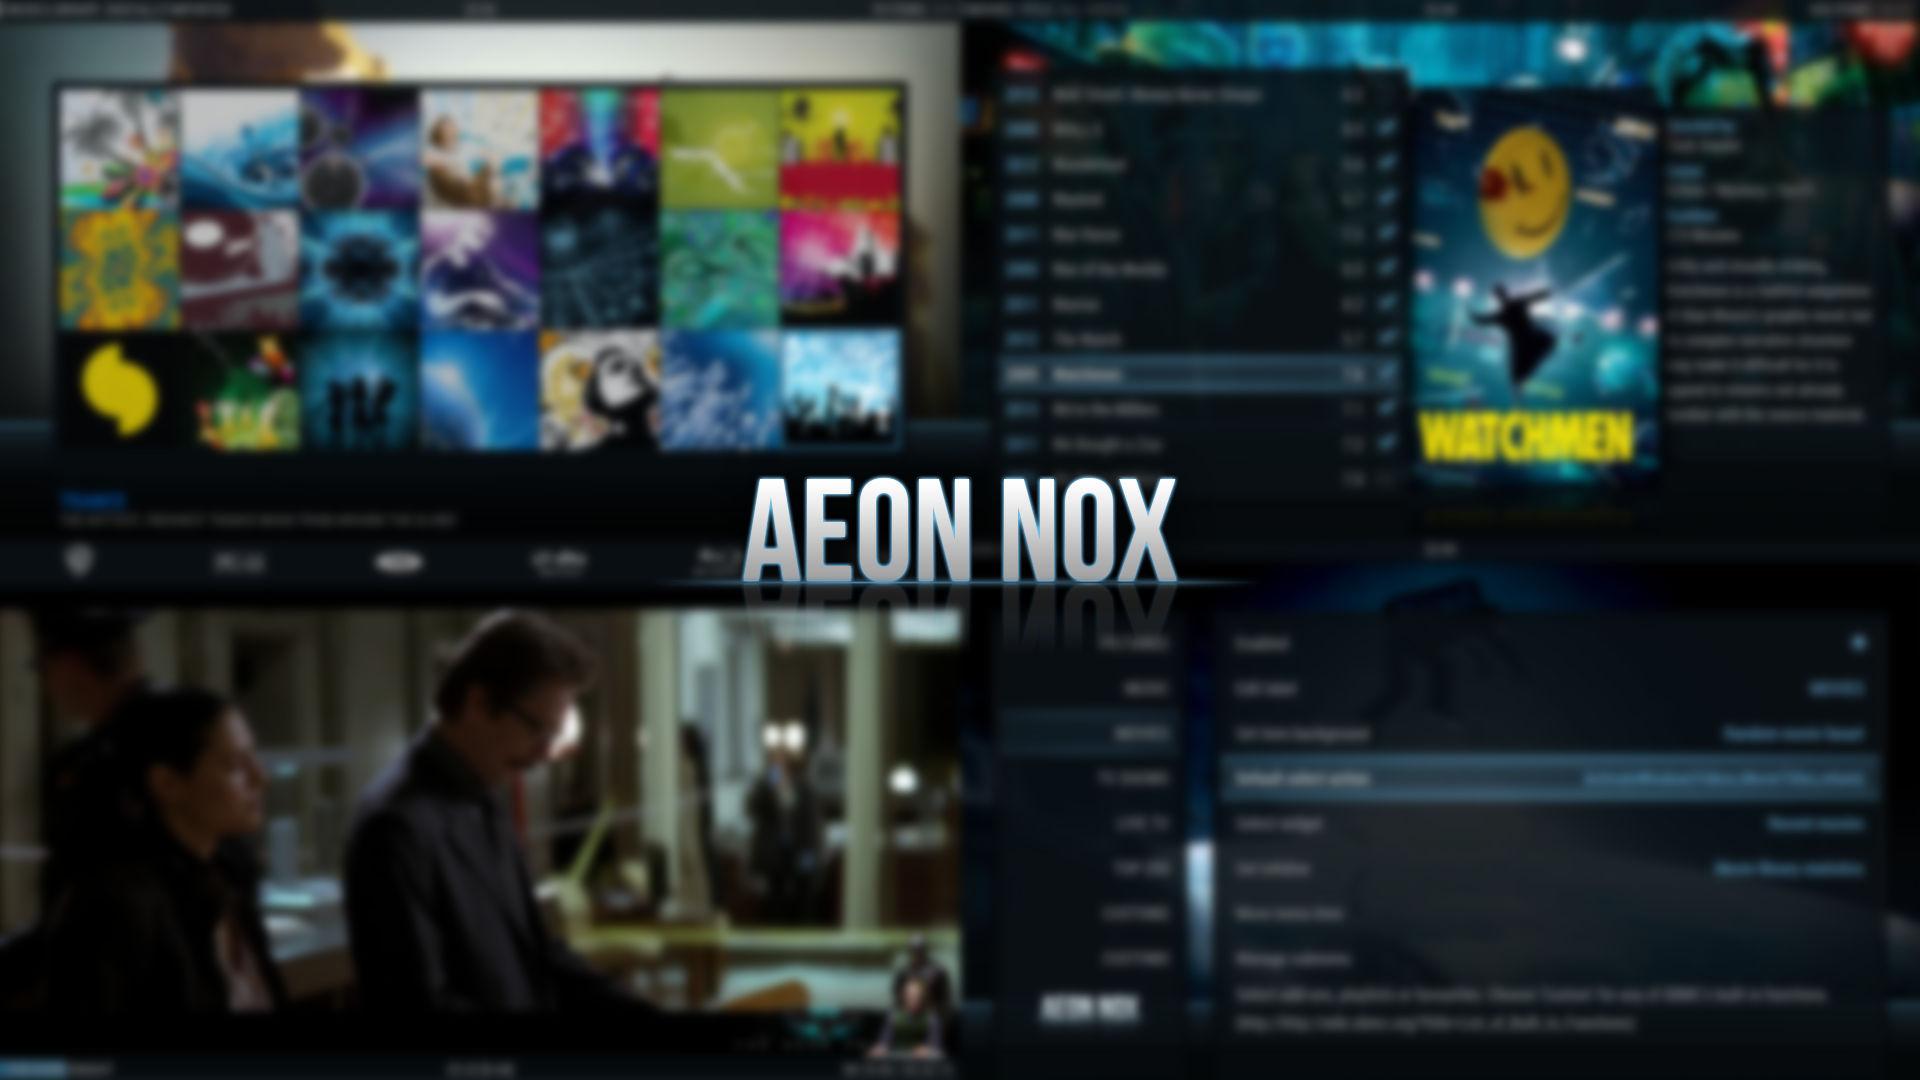 GitHub - BigNoid/Aeon-Nox: A skin for XBMC/Kodi